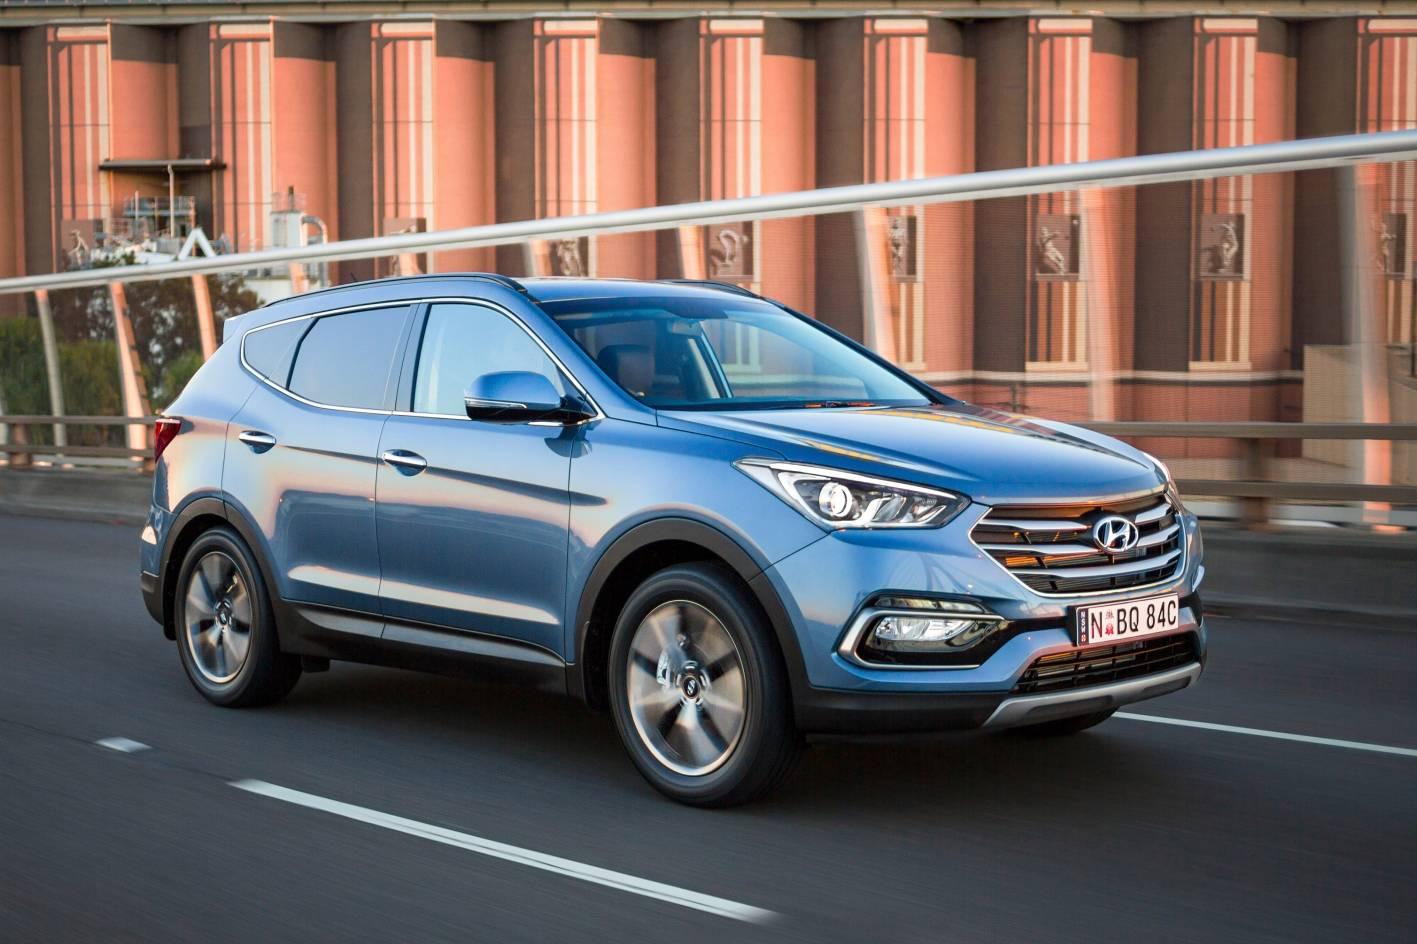 2016 Hyundai Santa Fe copy 2.jpg